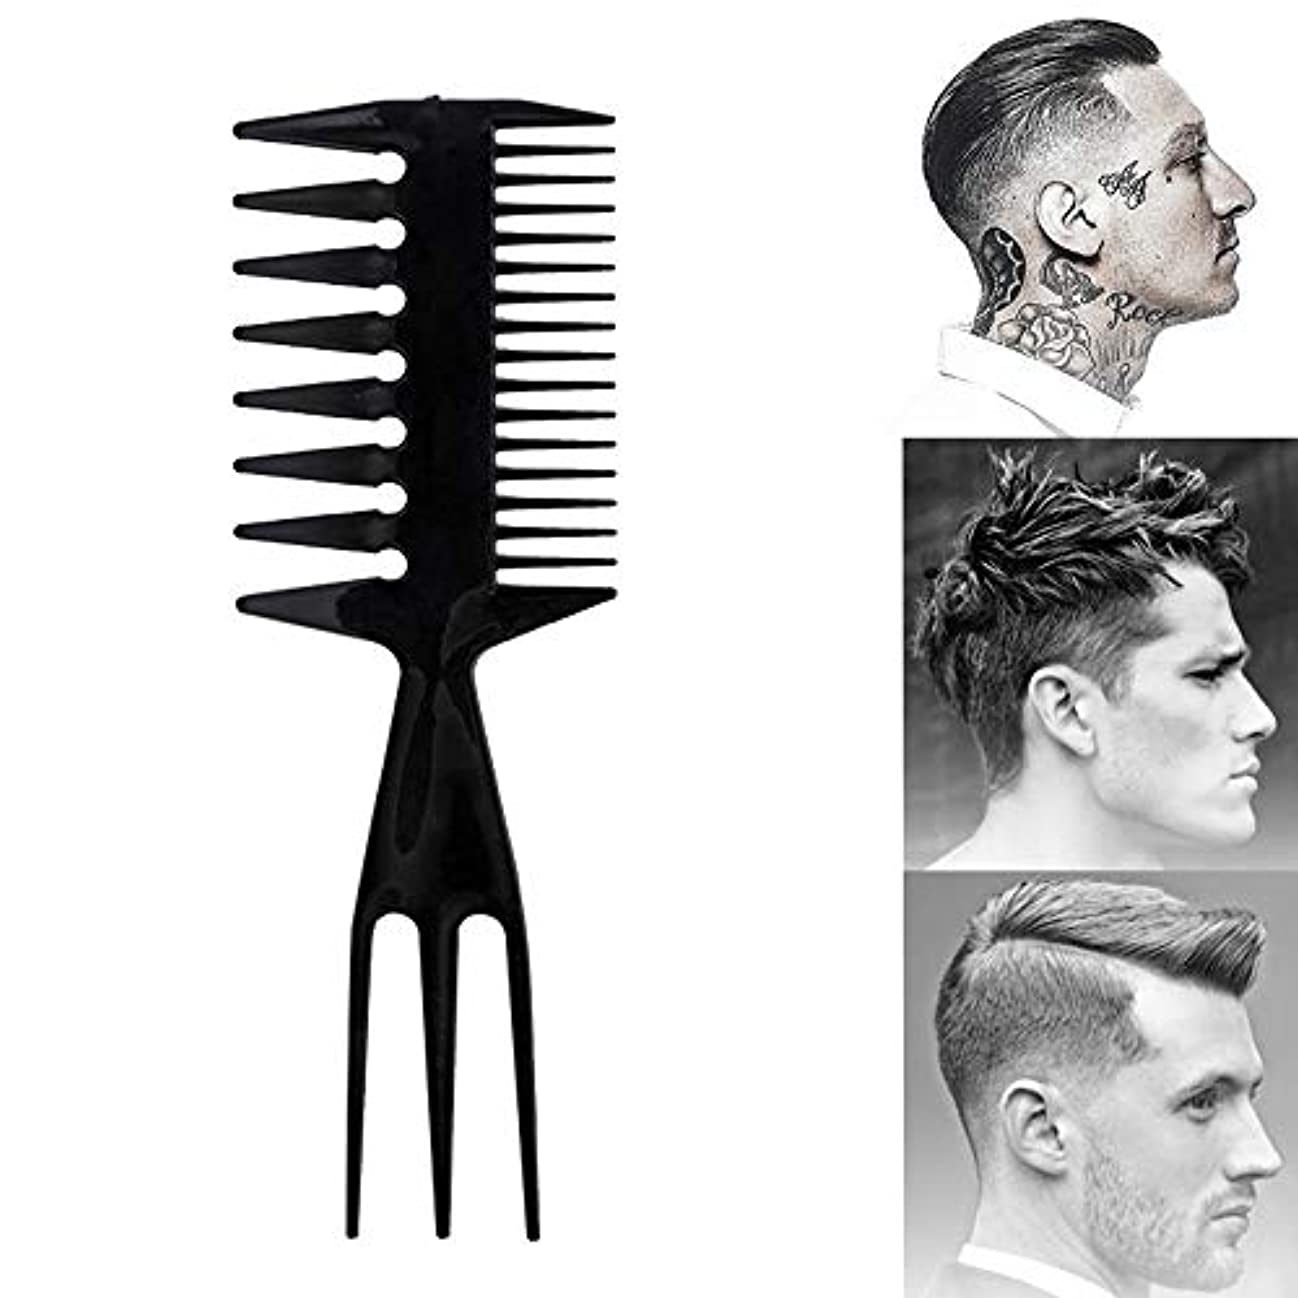 日帰り旅行にタイプ換気する髪を整える、グルーミングおよびスタイリングのための1つのヘアスタイリングツールに付き3つの側面の髪の櫛メンズTextuizing櫛サロン理髪師の櫛3